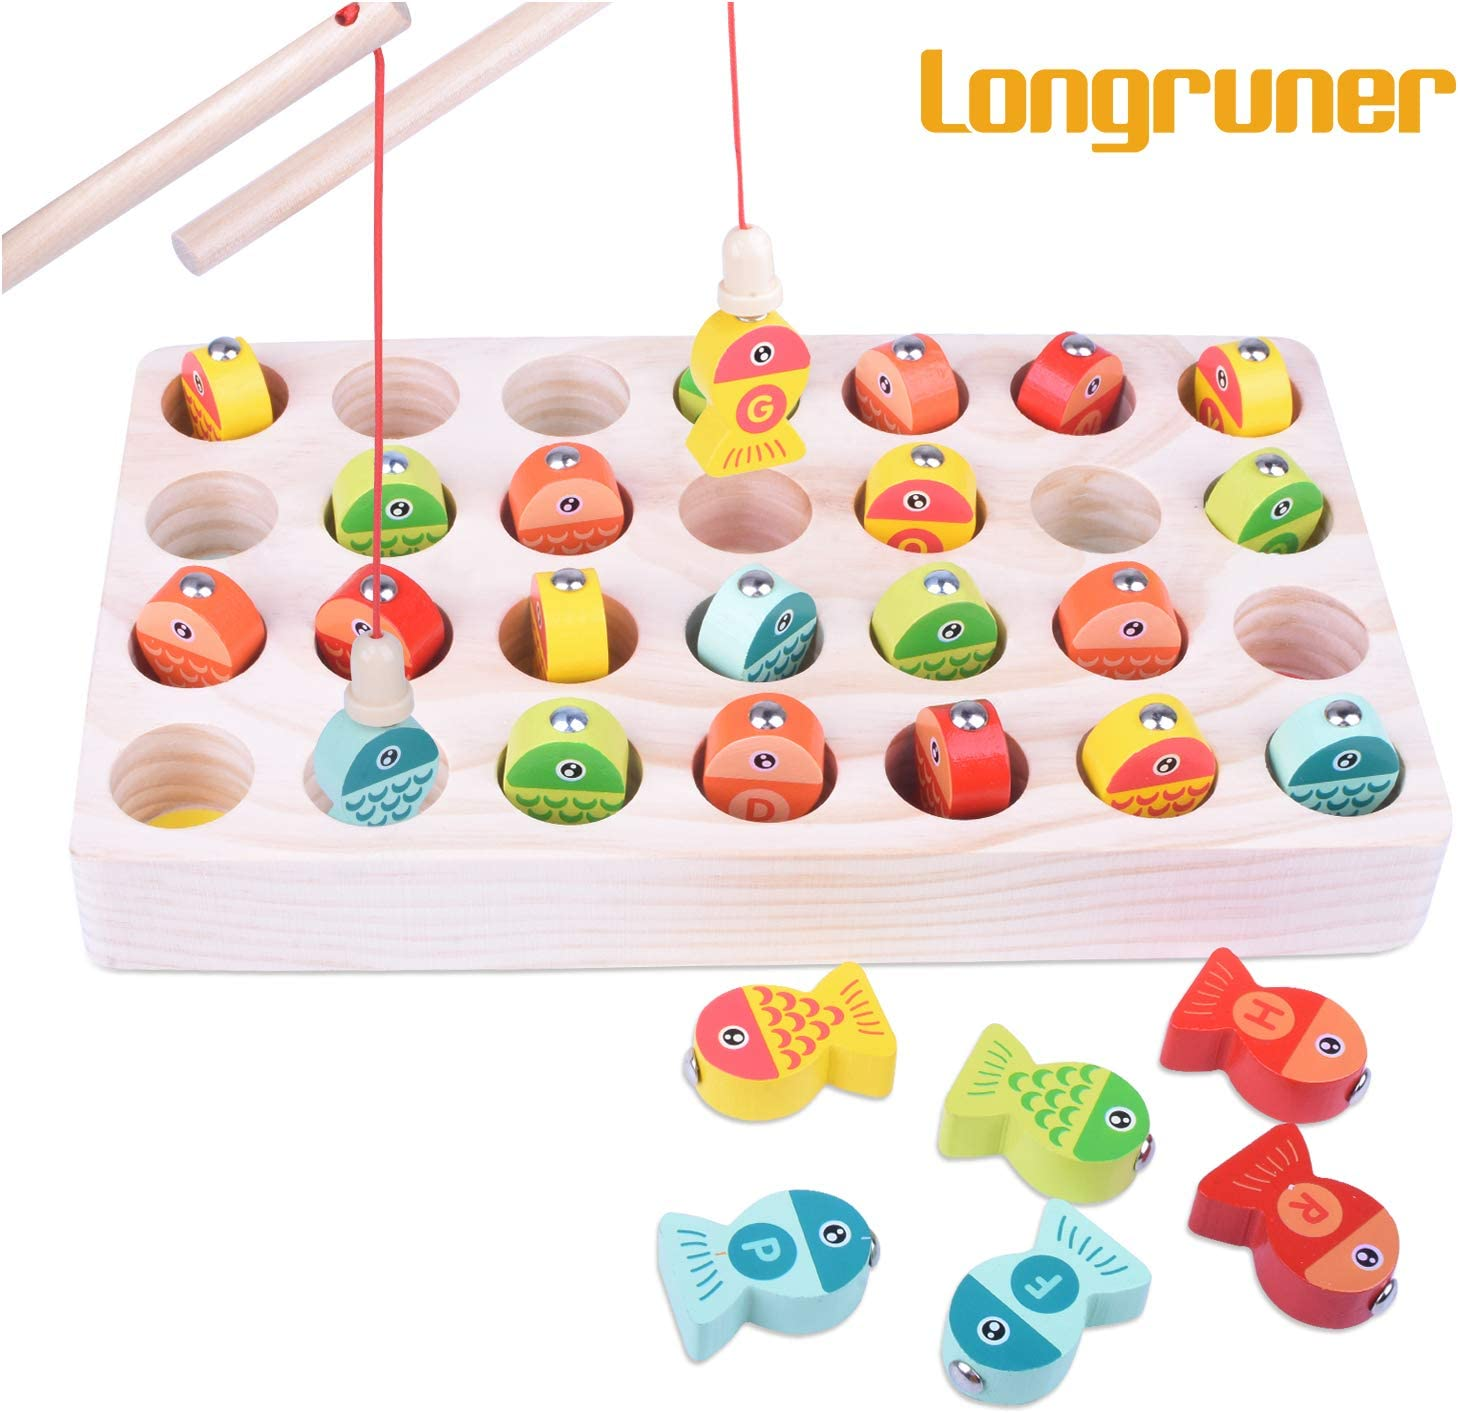 Longruner Juego de Pesca magnética de Madera Juego de Mesa de Puzzle Juegos para 3 4 5 años Niño Niña Juguetes para niños Juego de combinación Juguete LR03